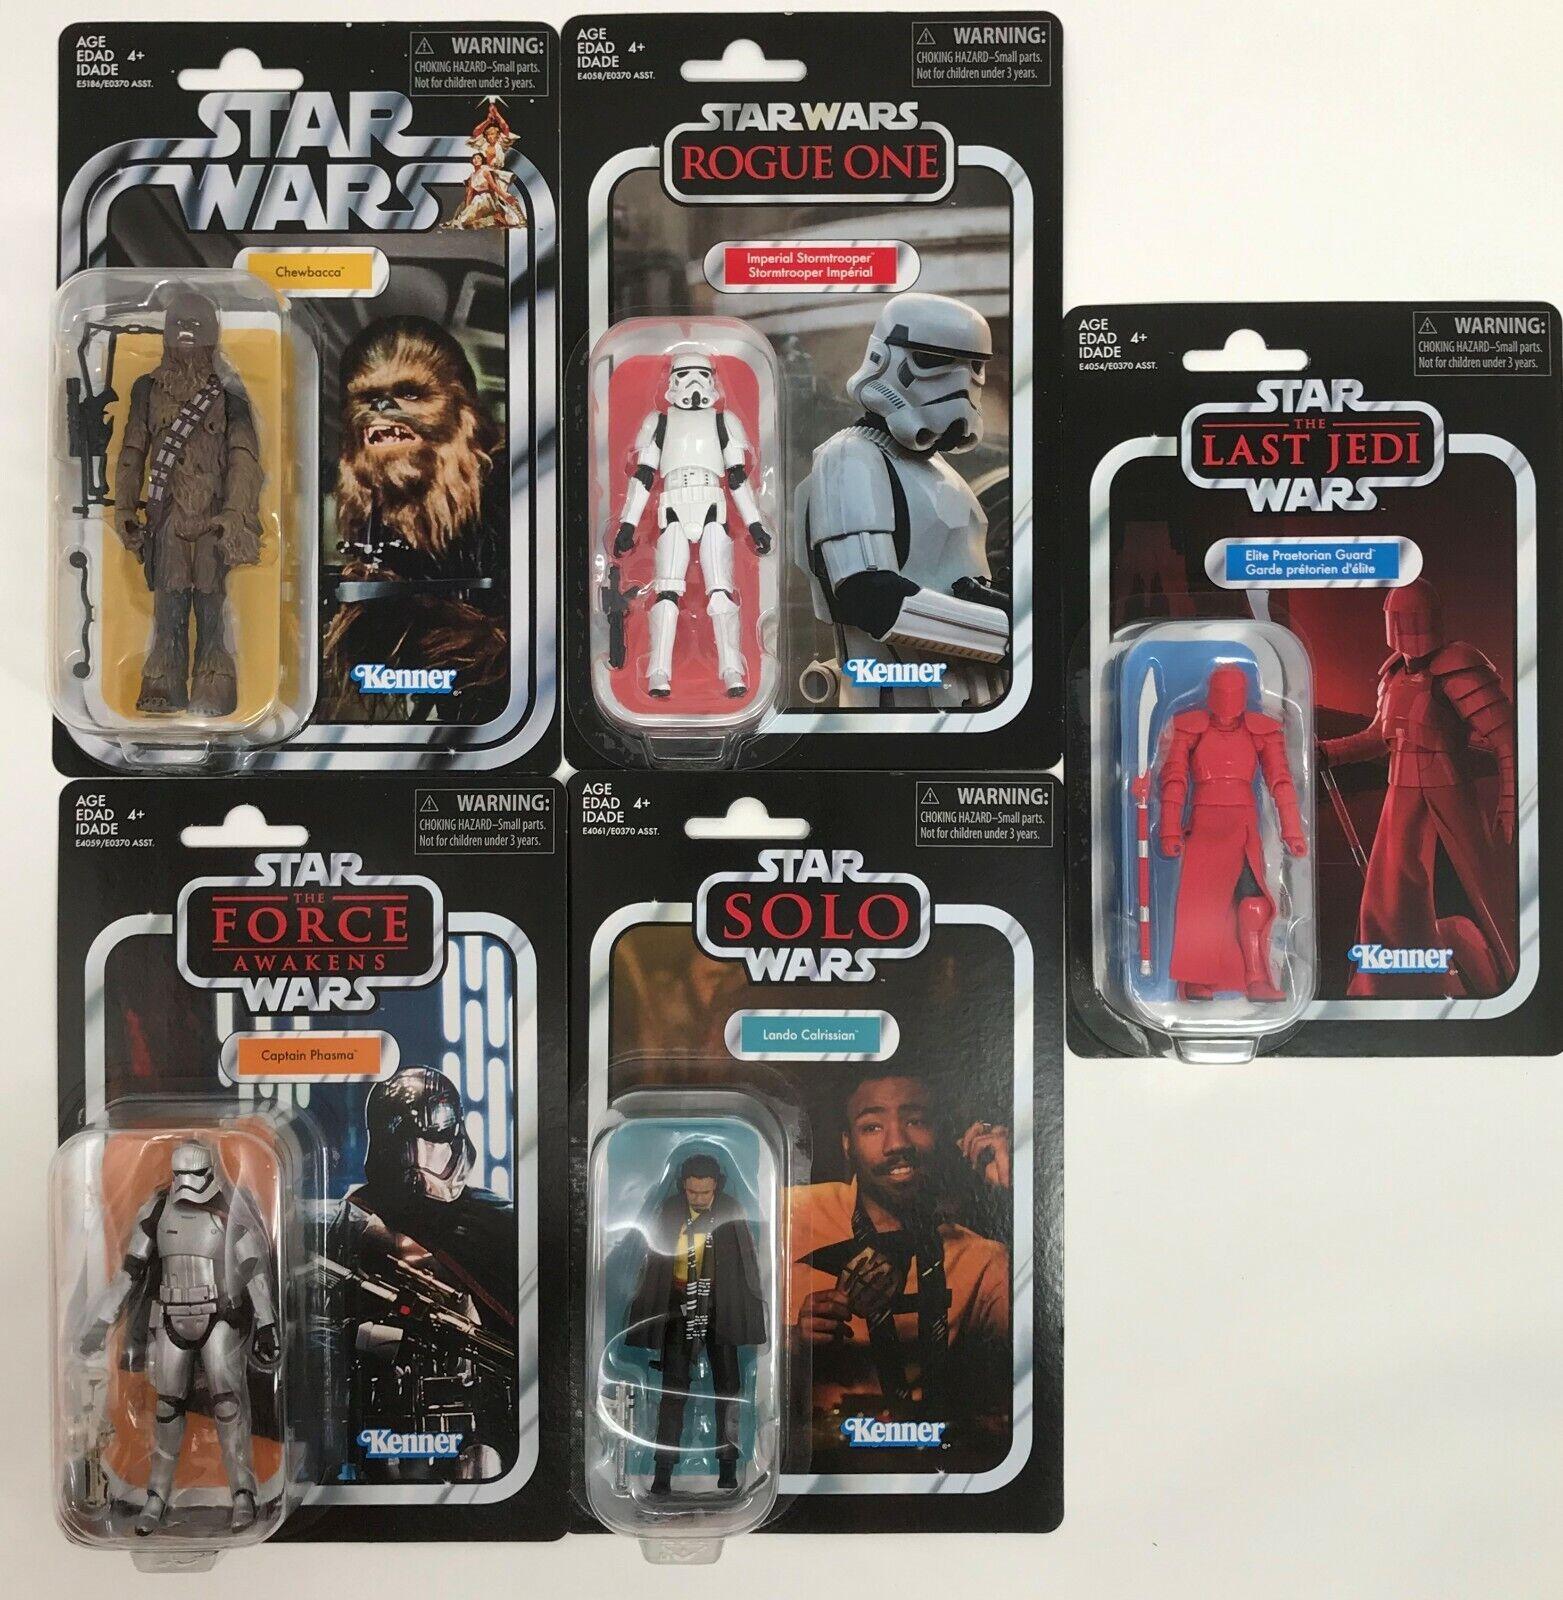 para barato Estrella Wars Vintage Colección Colección Colección Wave 6-Lando, phasma, Chewbacca, Stormtrooper  presentando toda la última moda de la calle